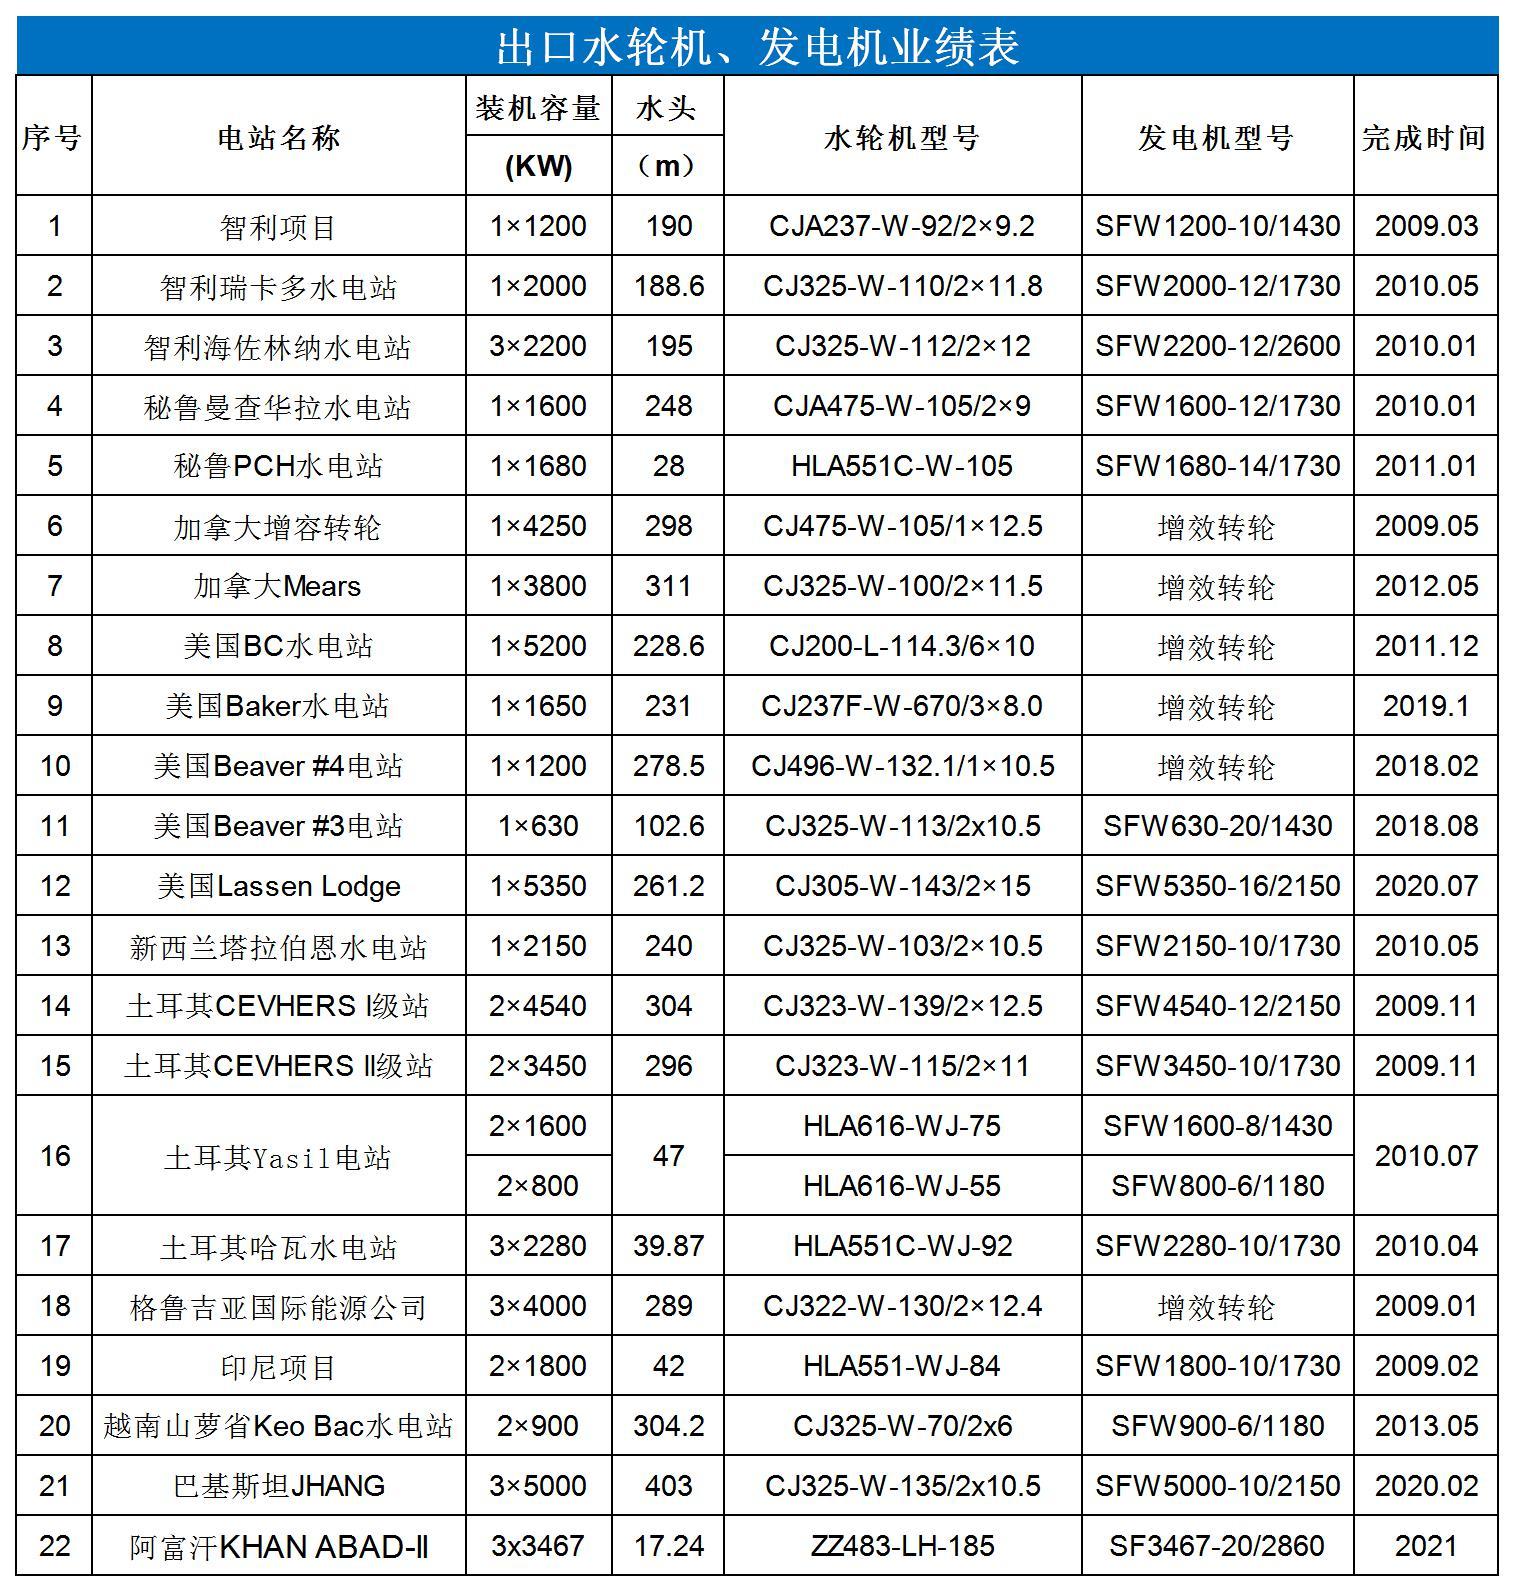 业绩表-出口-中文.jpg